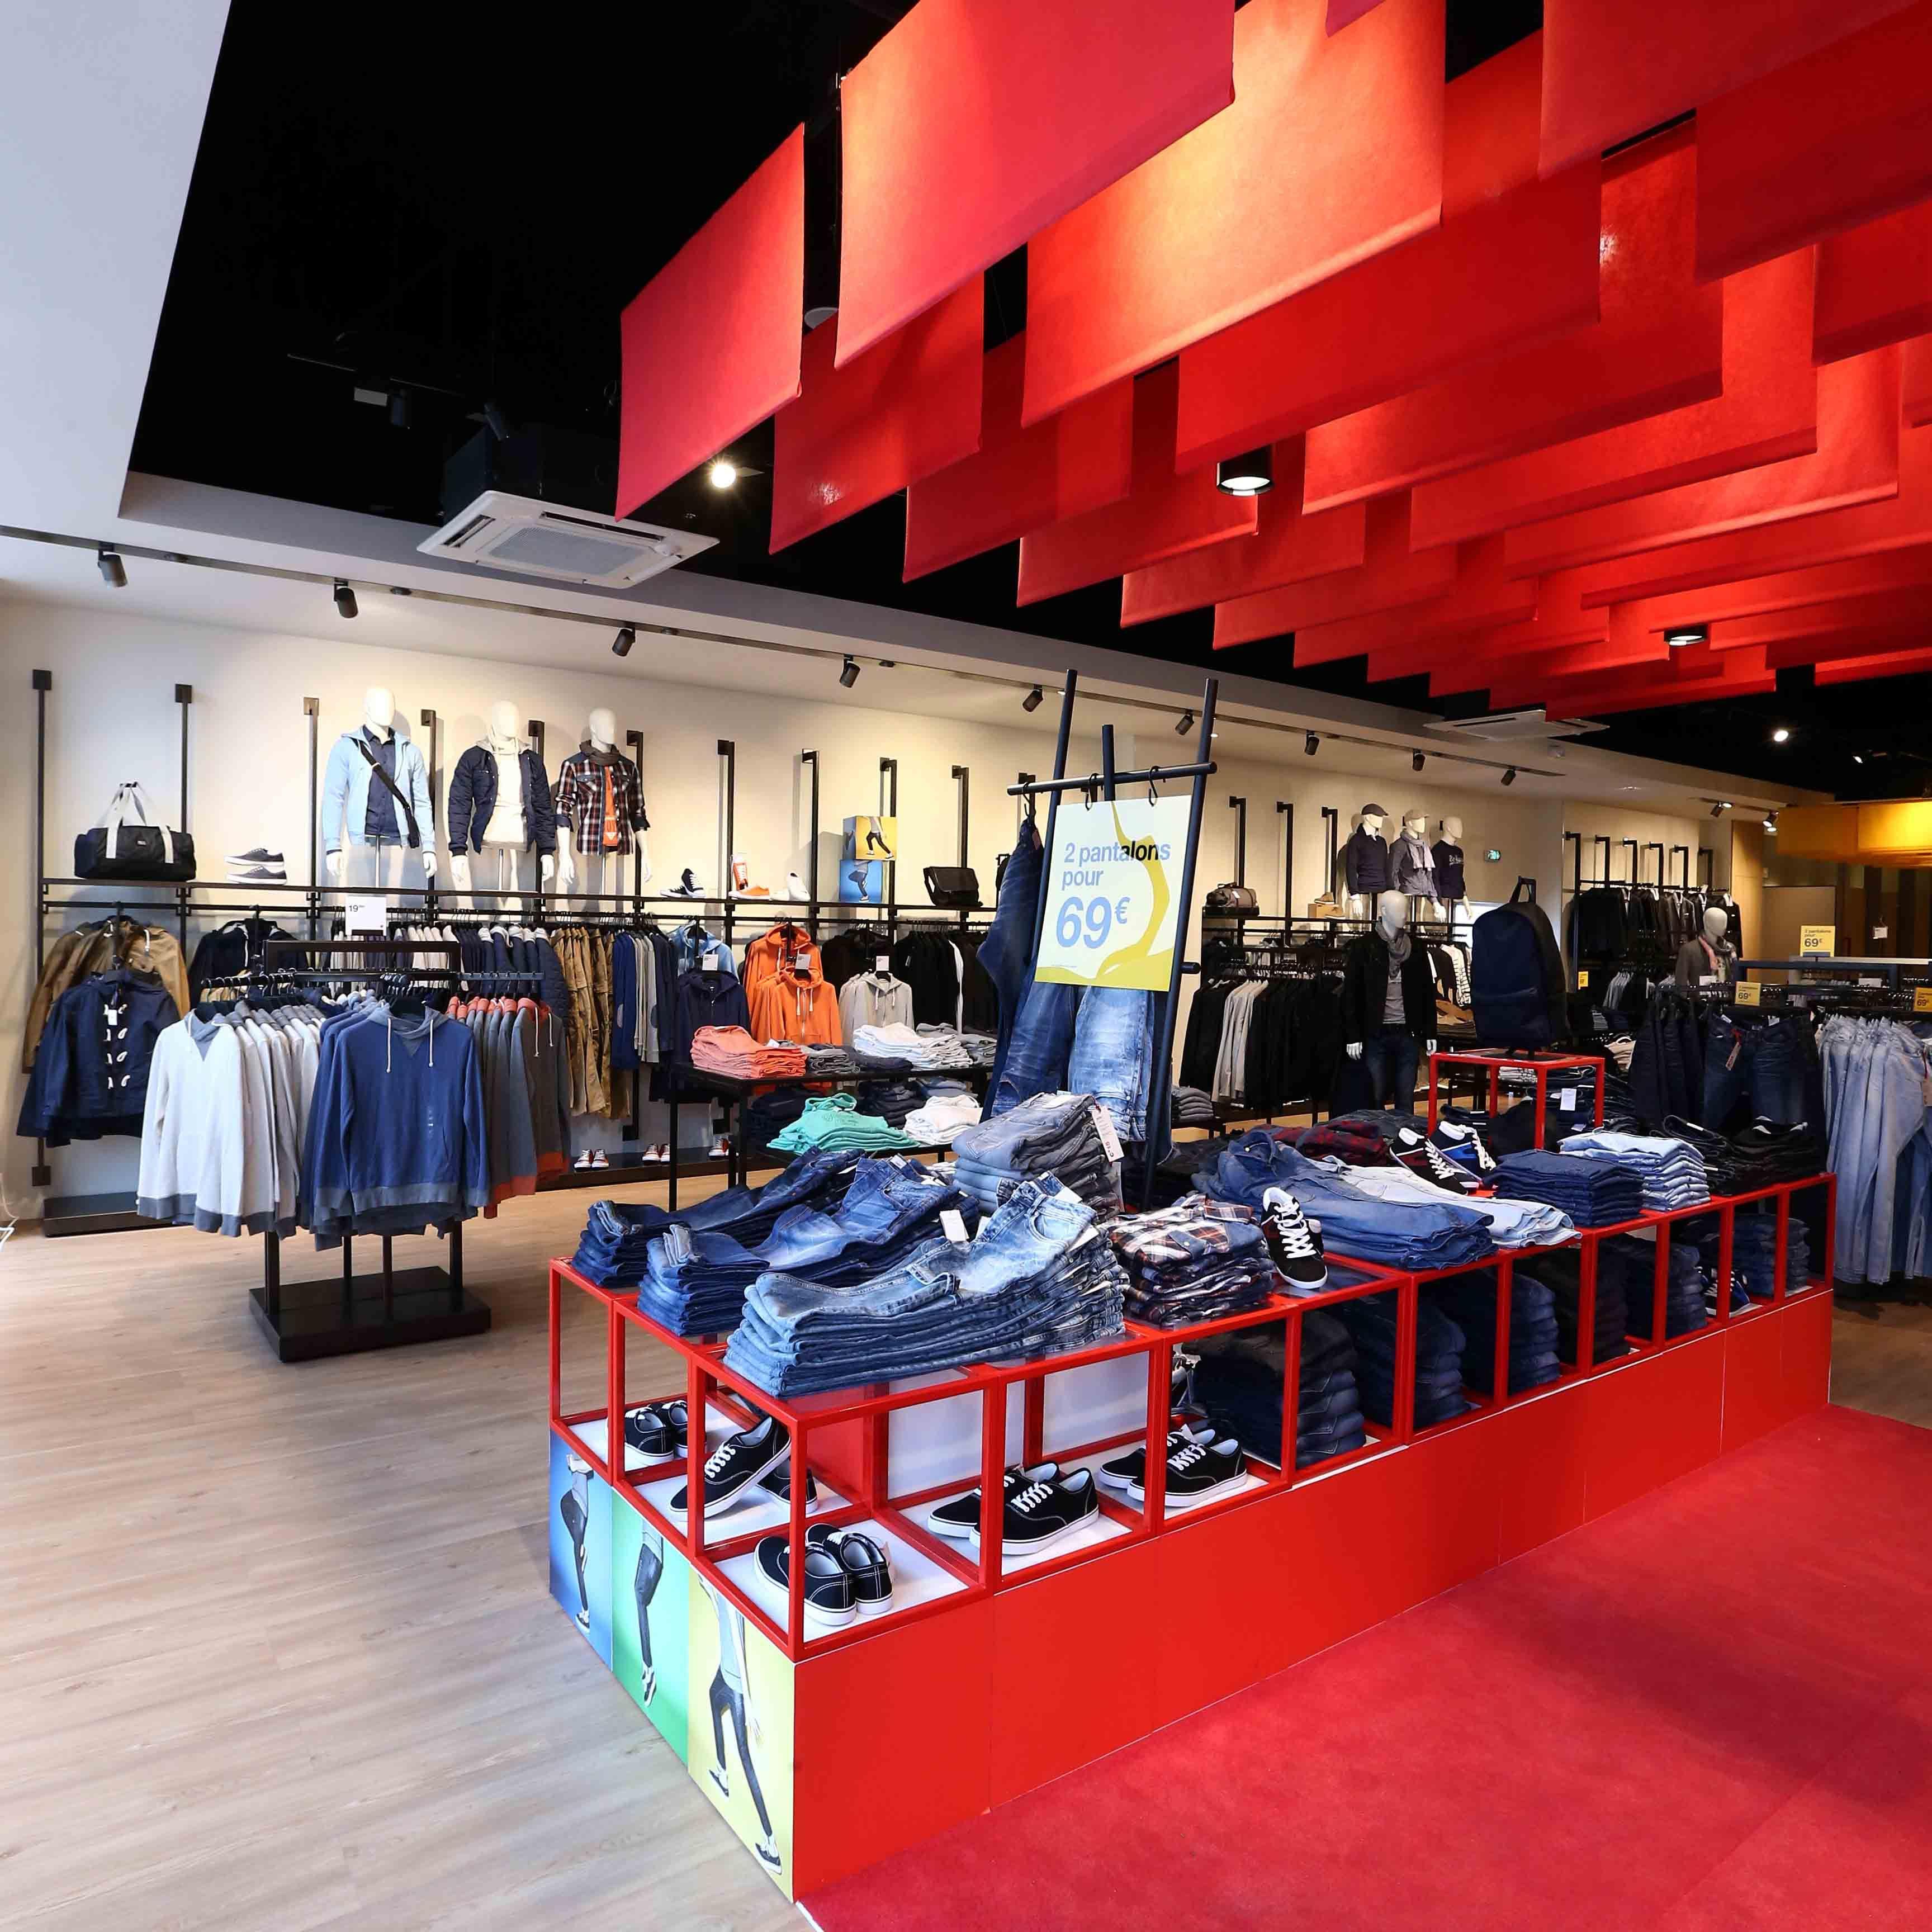 Celio Mobilier Textile Homme Merchandising Color Groupe Lindera Textiles Pret A Porter Mobilier